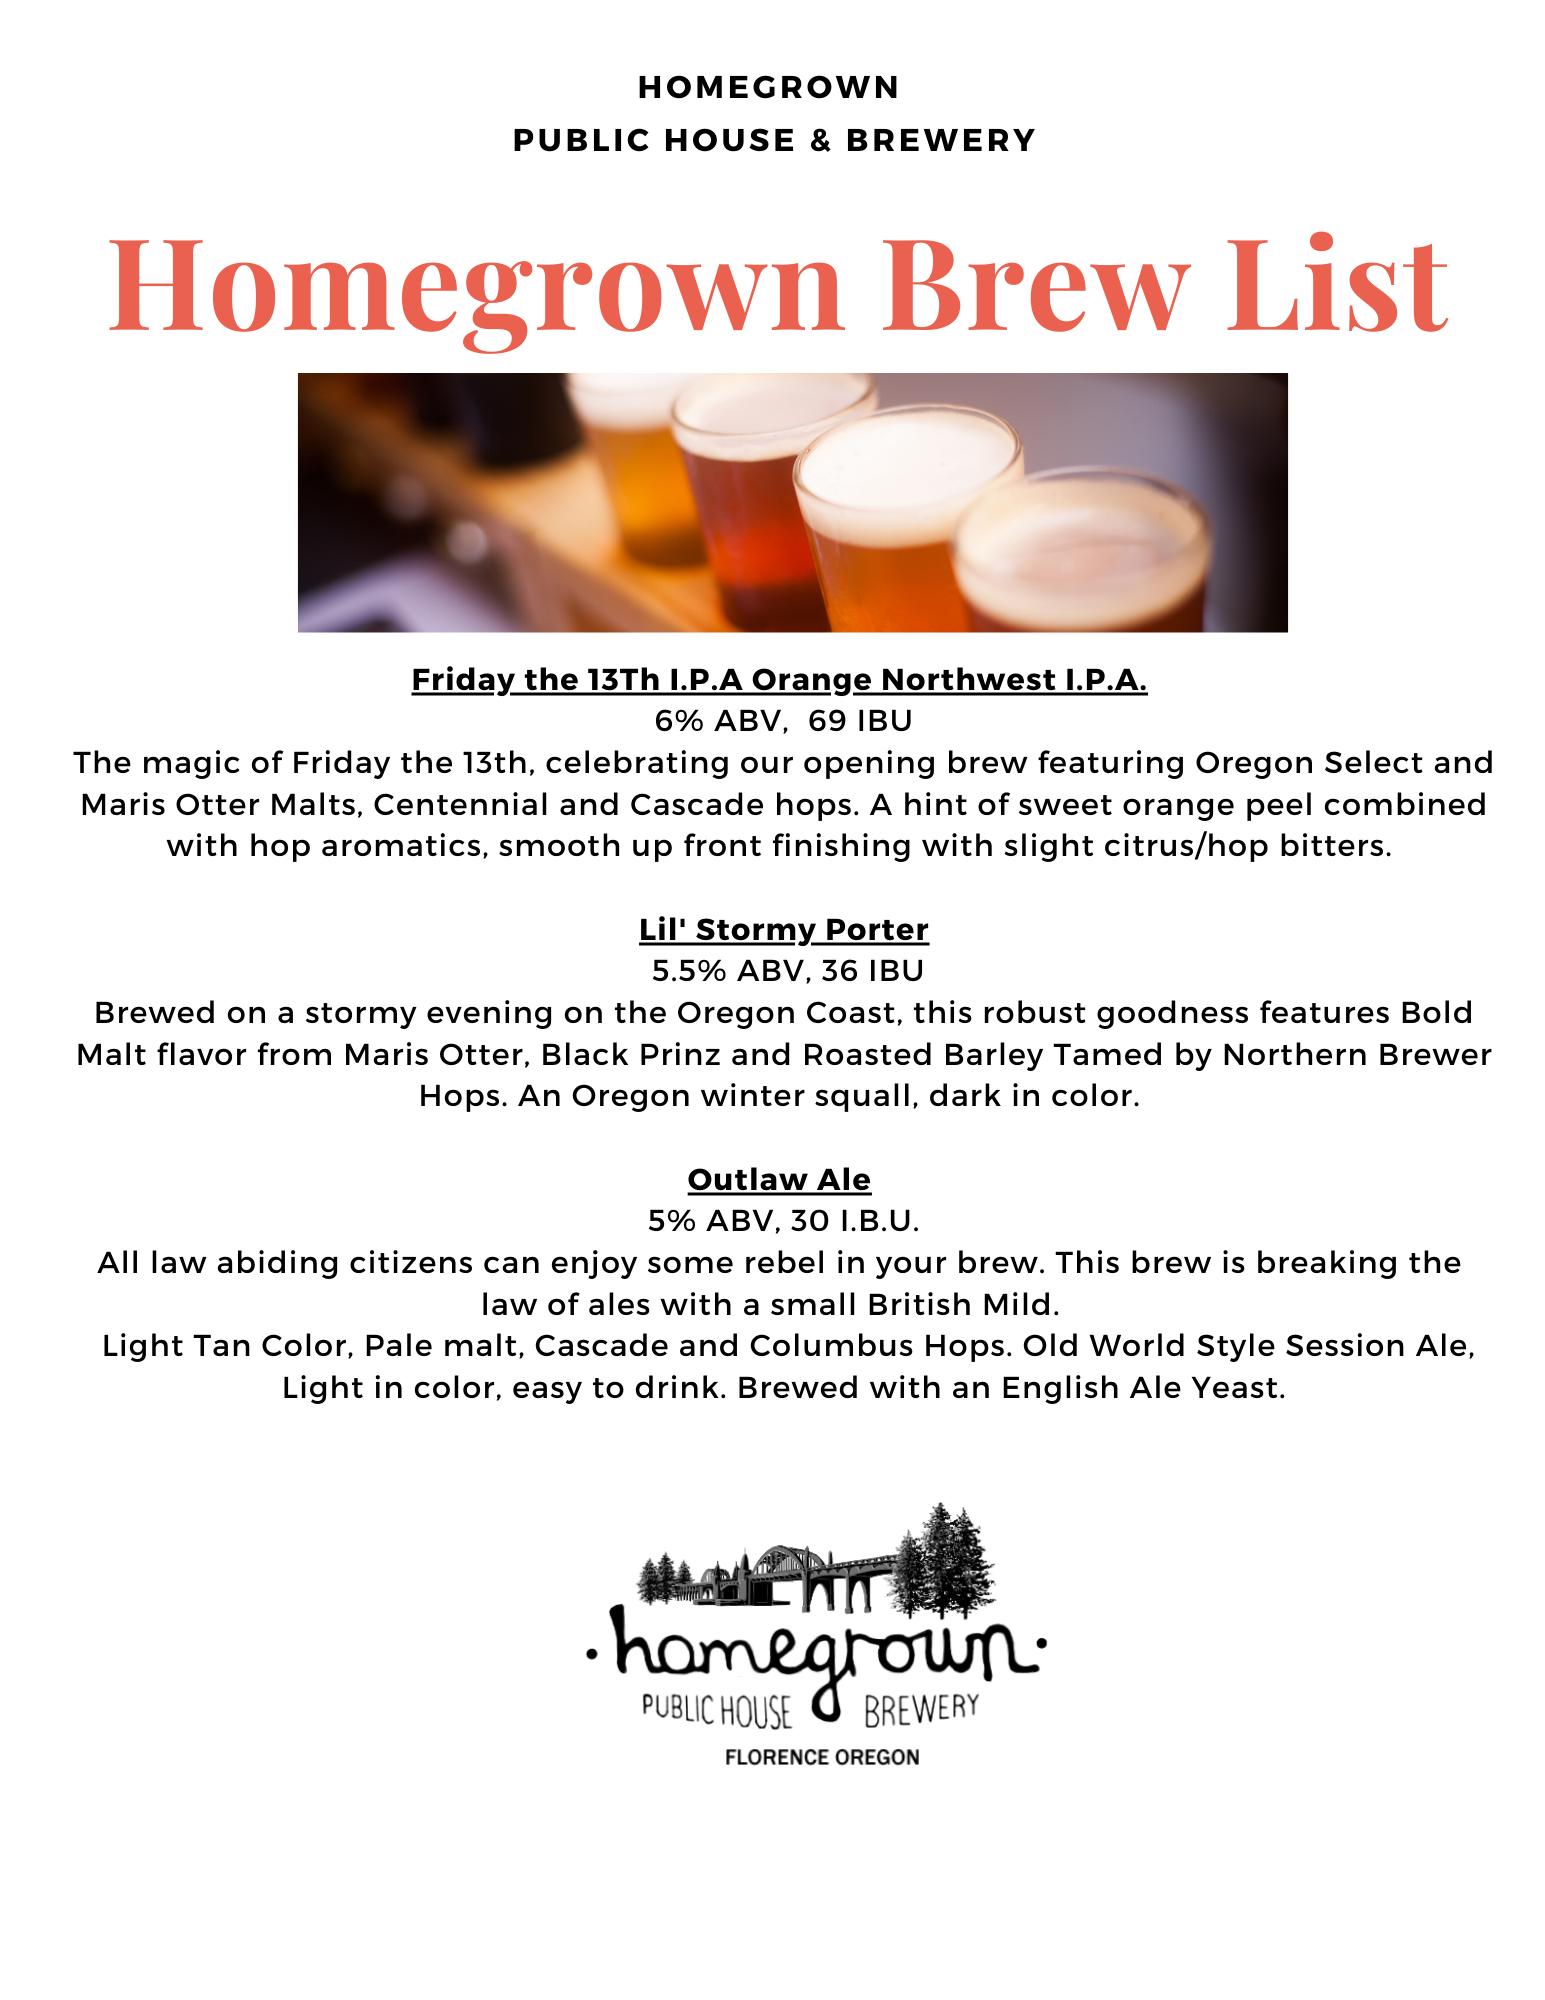 Homegrown Brew List